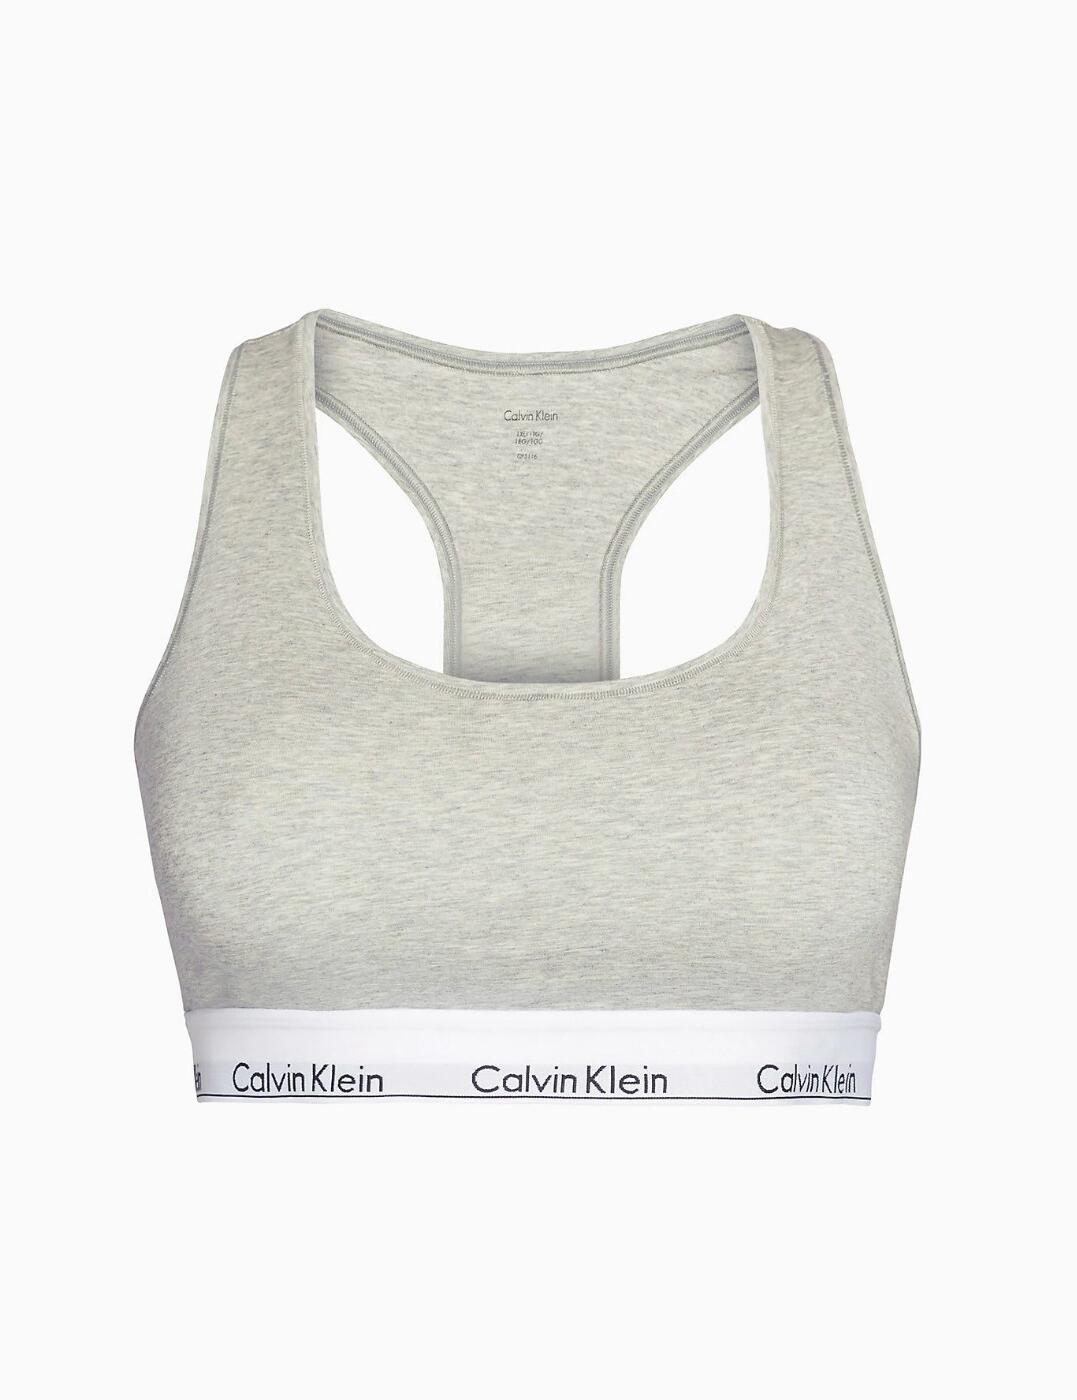 thumbnail 14 - Calvin Klein Modern Cotton Plus Bralette Bra Bra Top QF5116E New Womens Bras